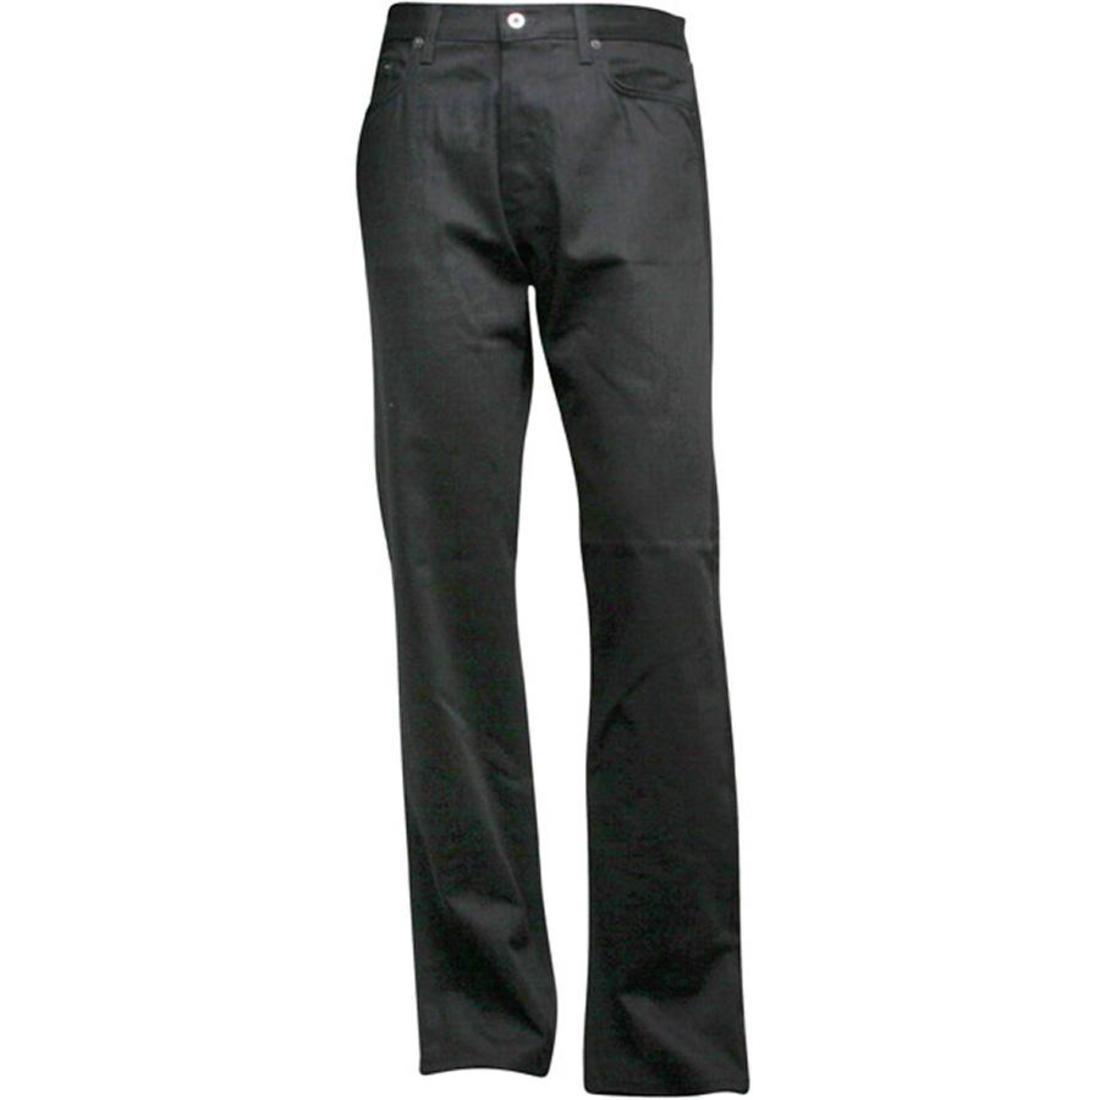 【海外限定】ハフ デニム ズボン メンズファッション 【 HUF REGULAR DENIM RAW BLACK 】